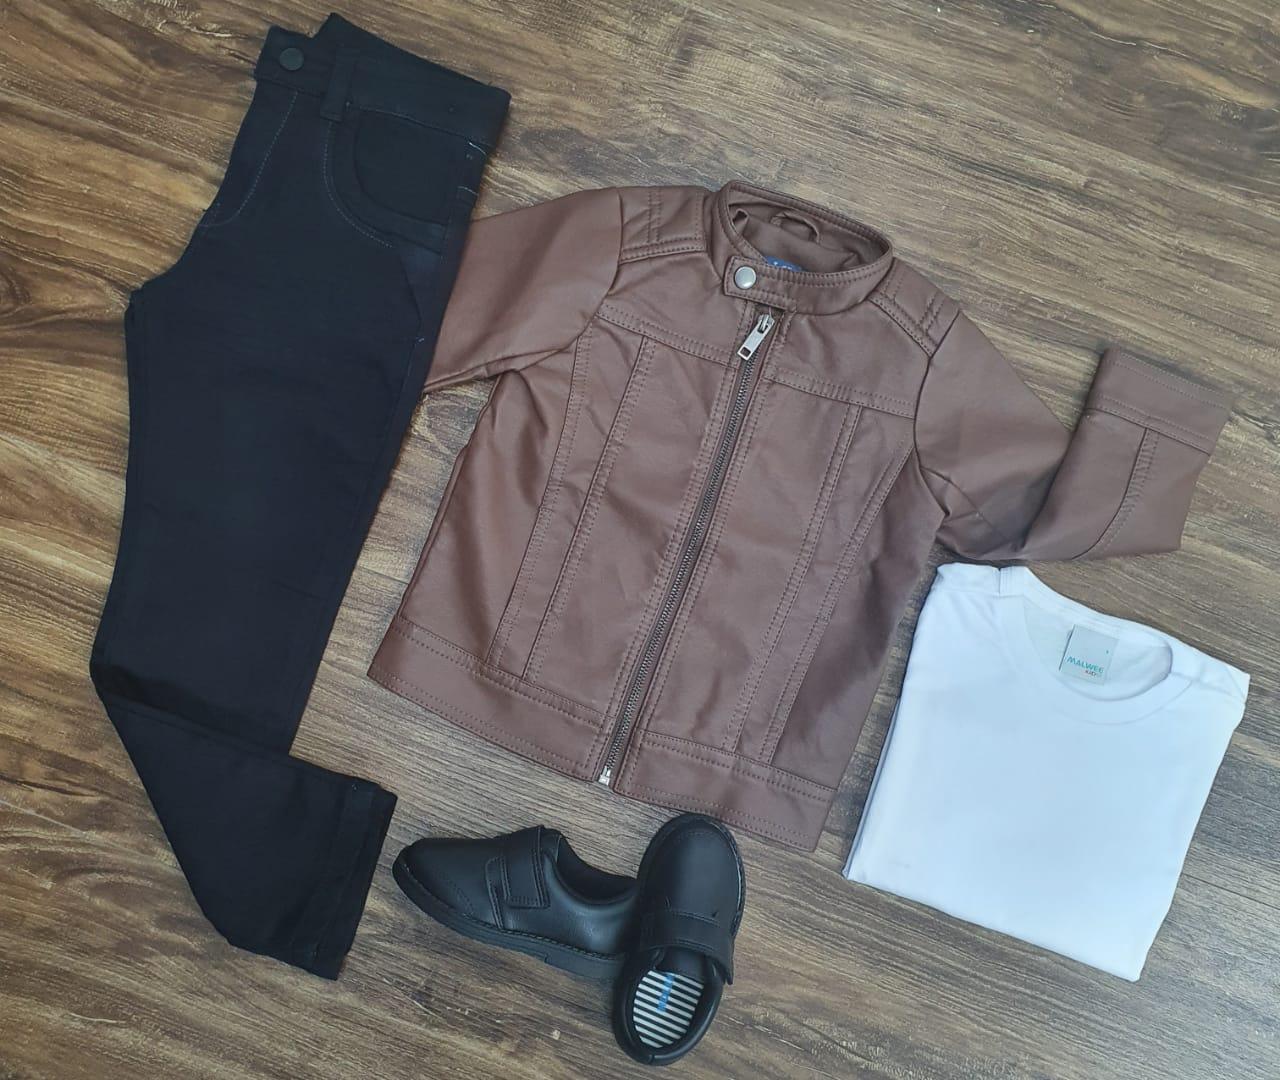 Calça Preta com Camiseta e Jaqueta Couro Marrom